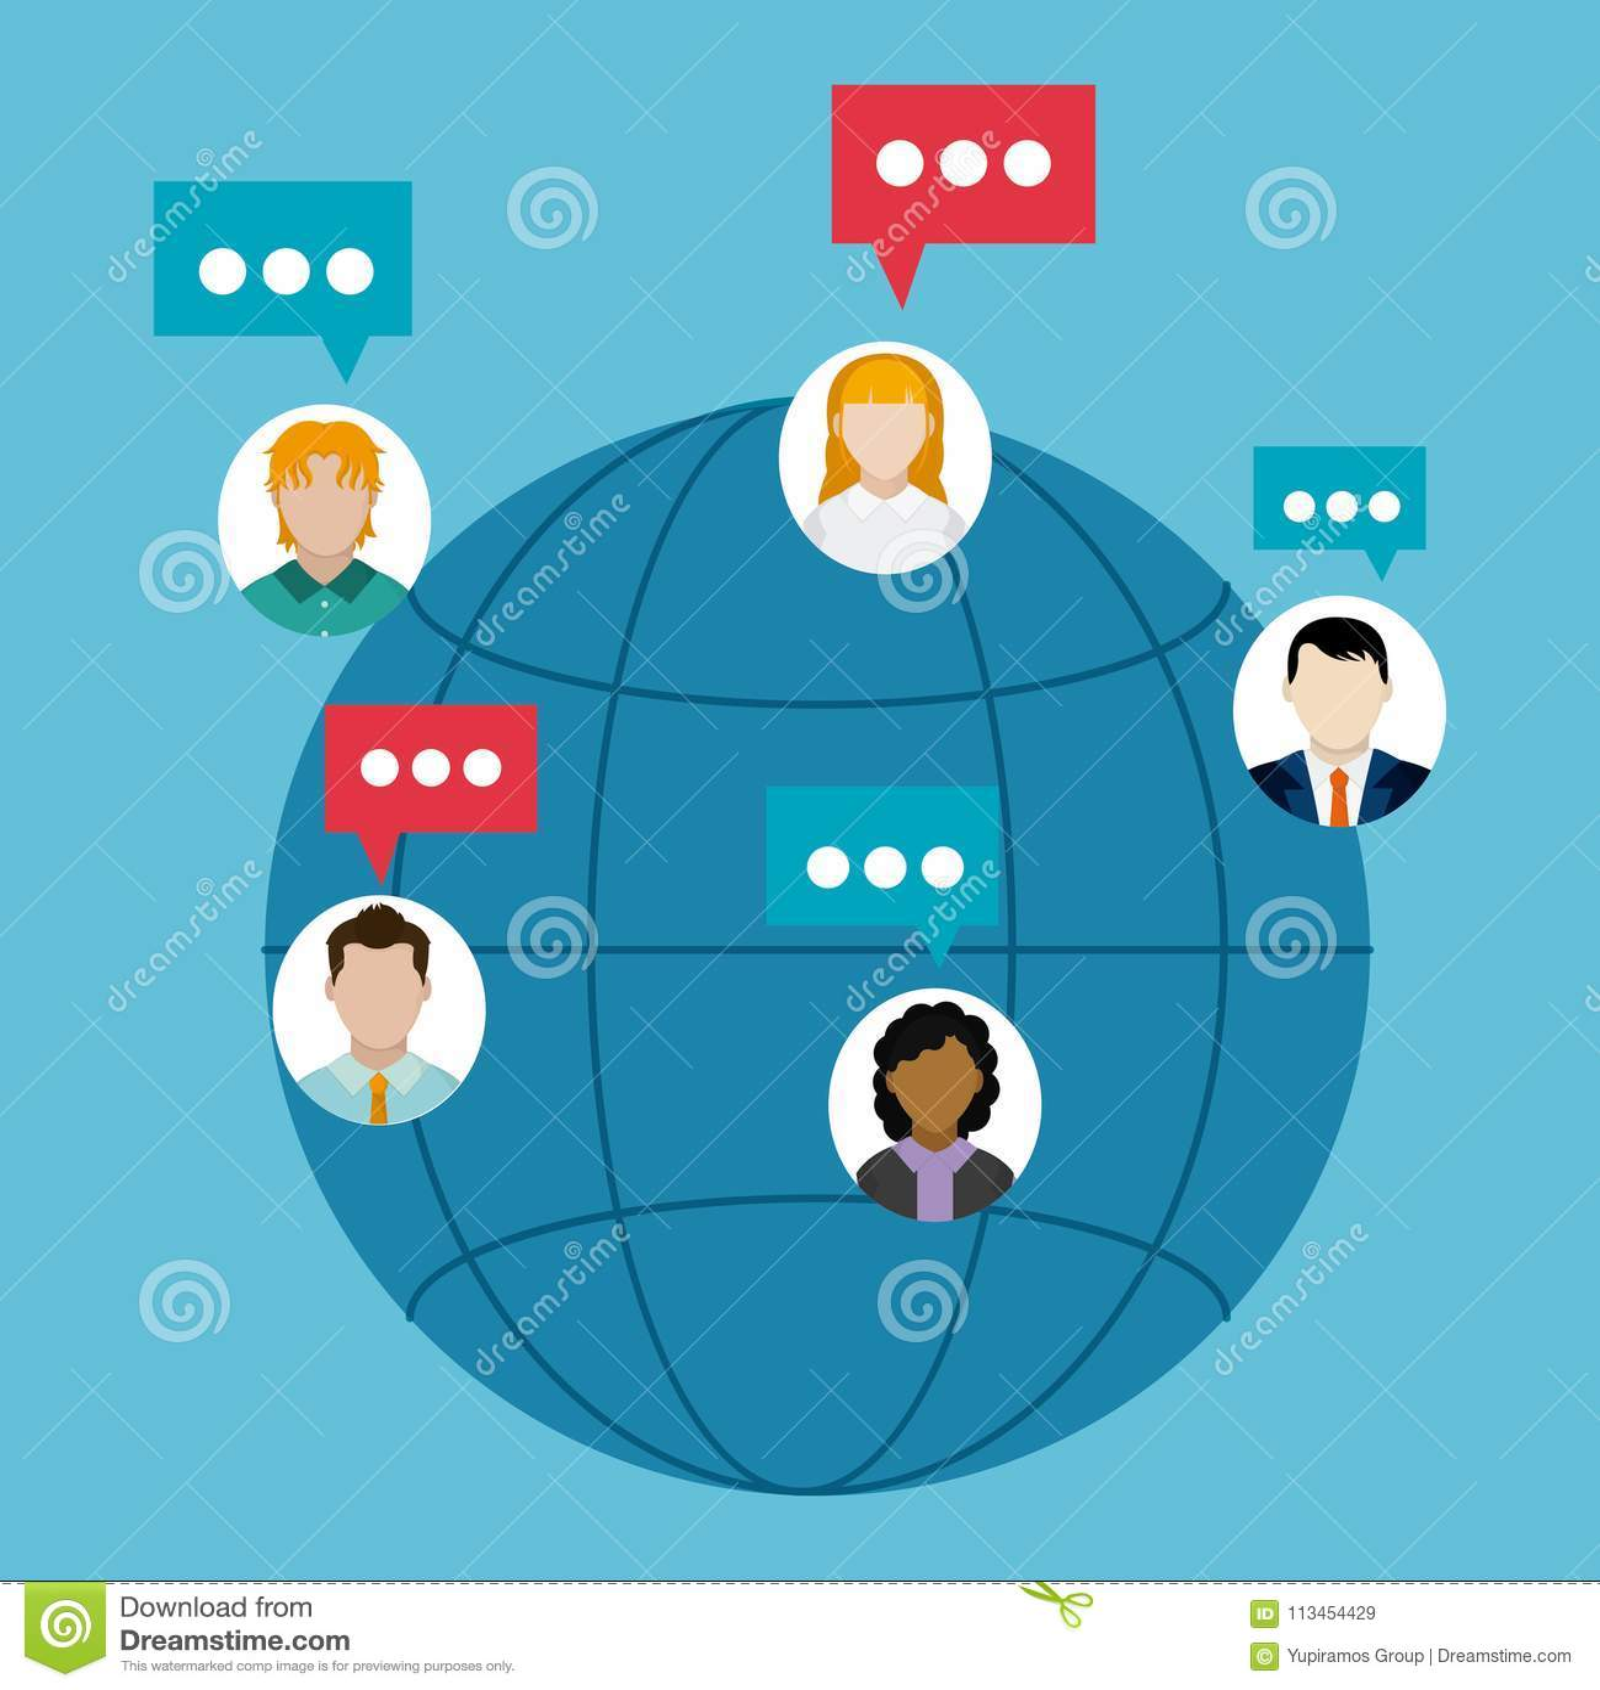 Chat around the world